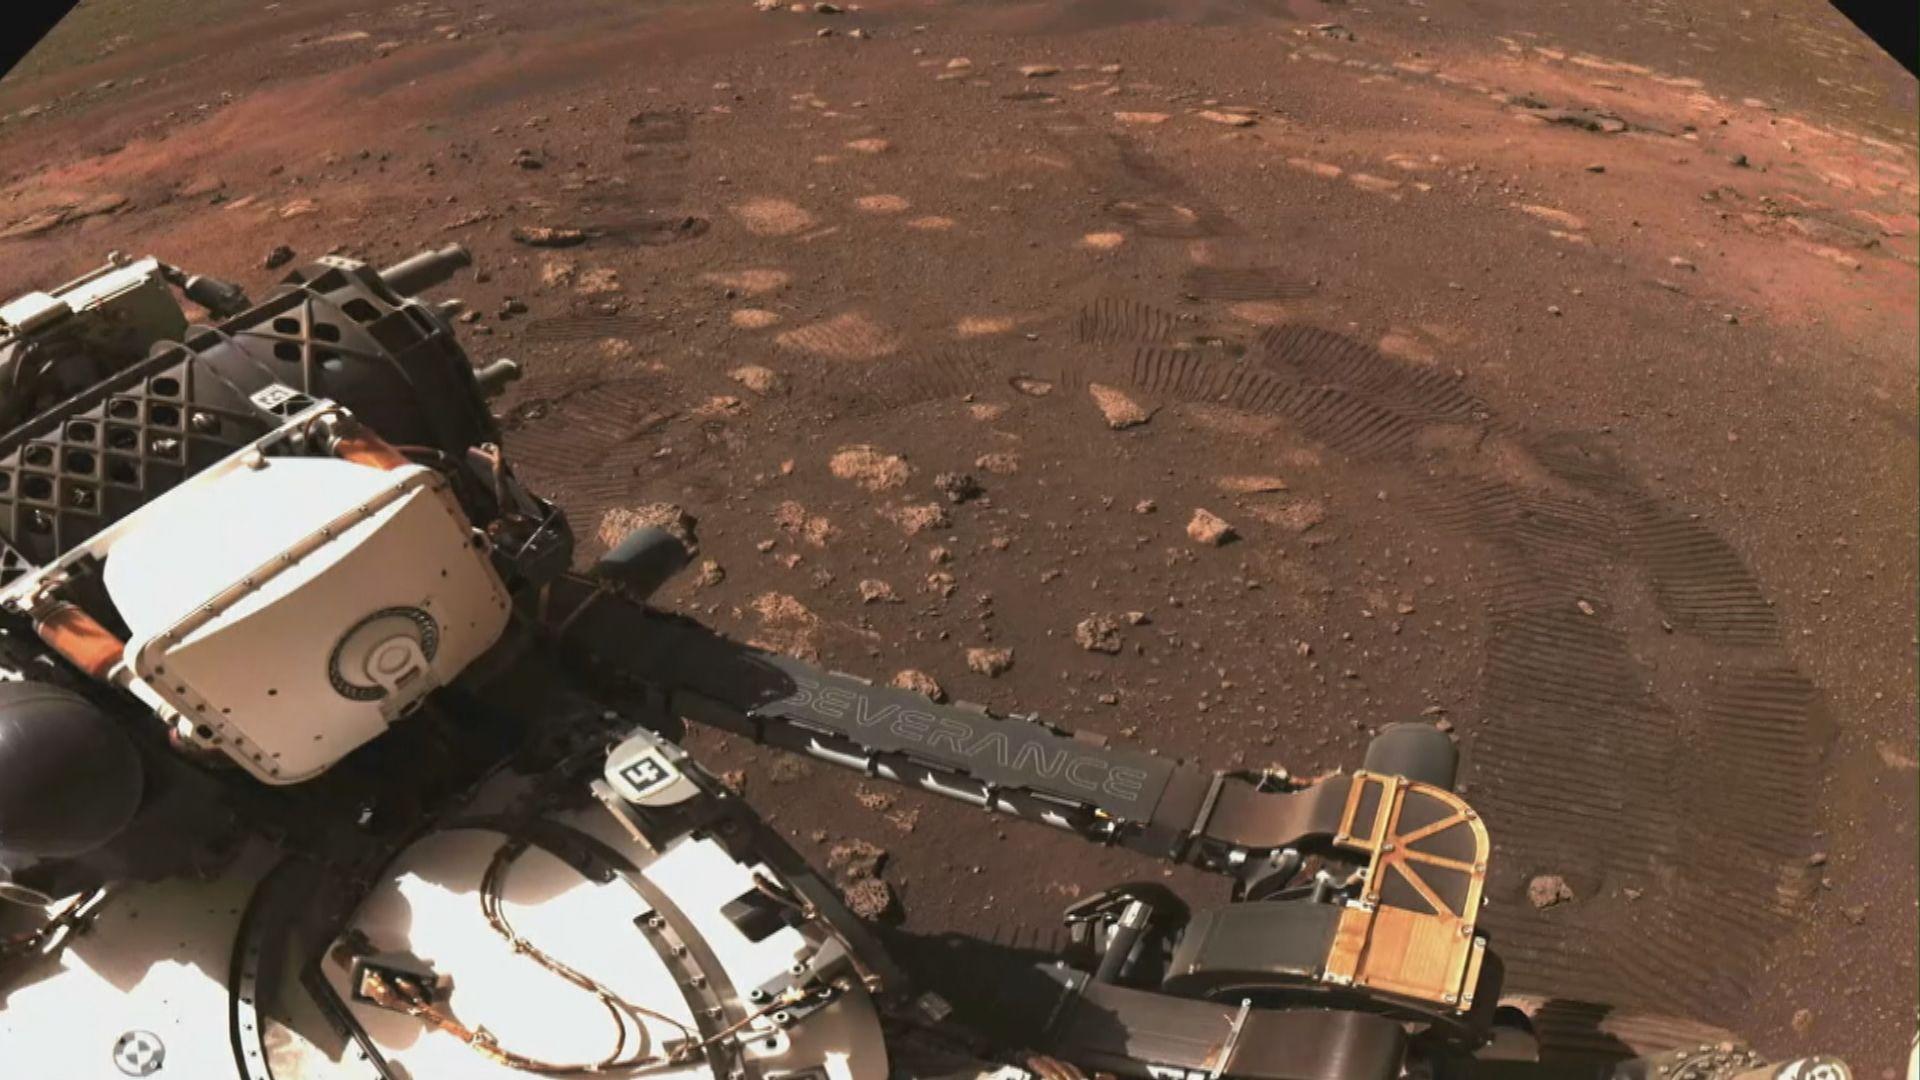 毅力號首度在火星行駛6.5米